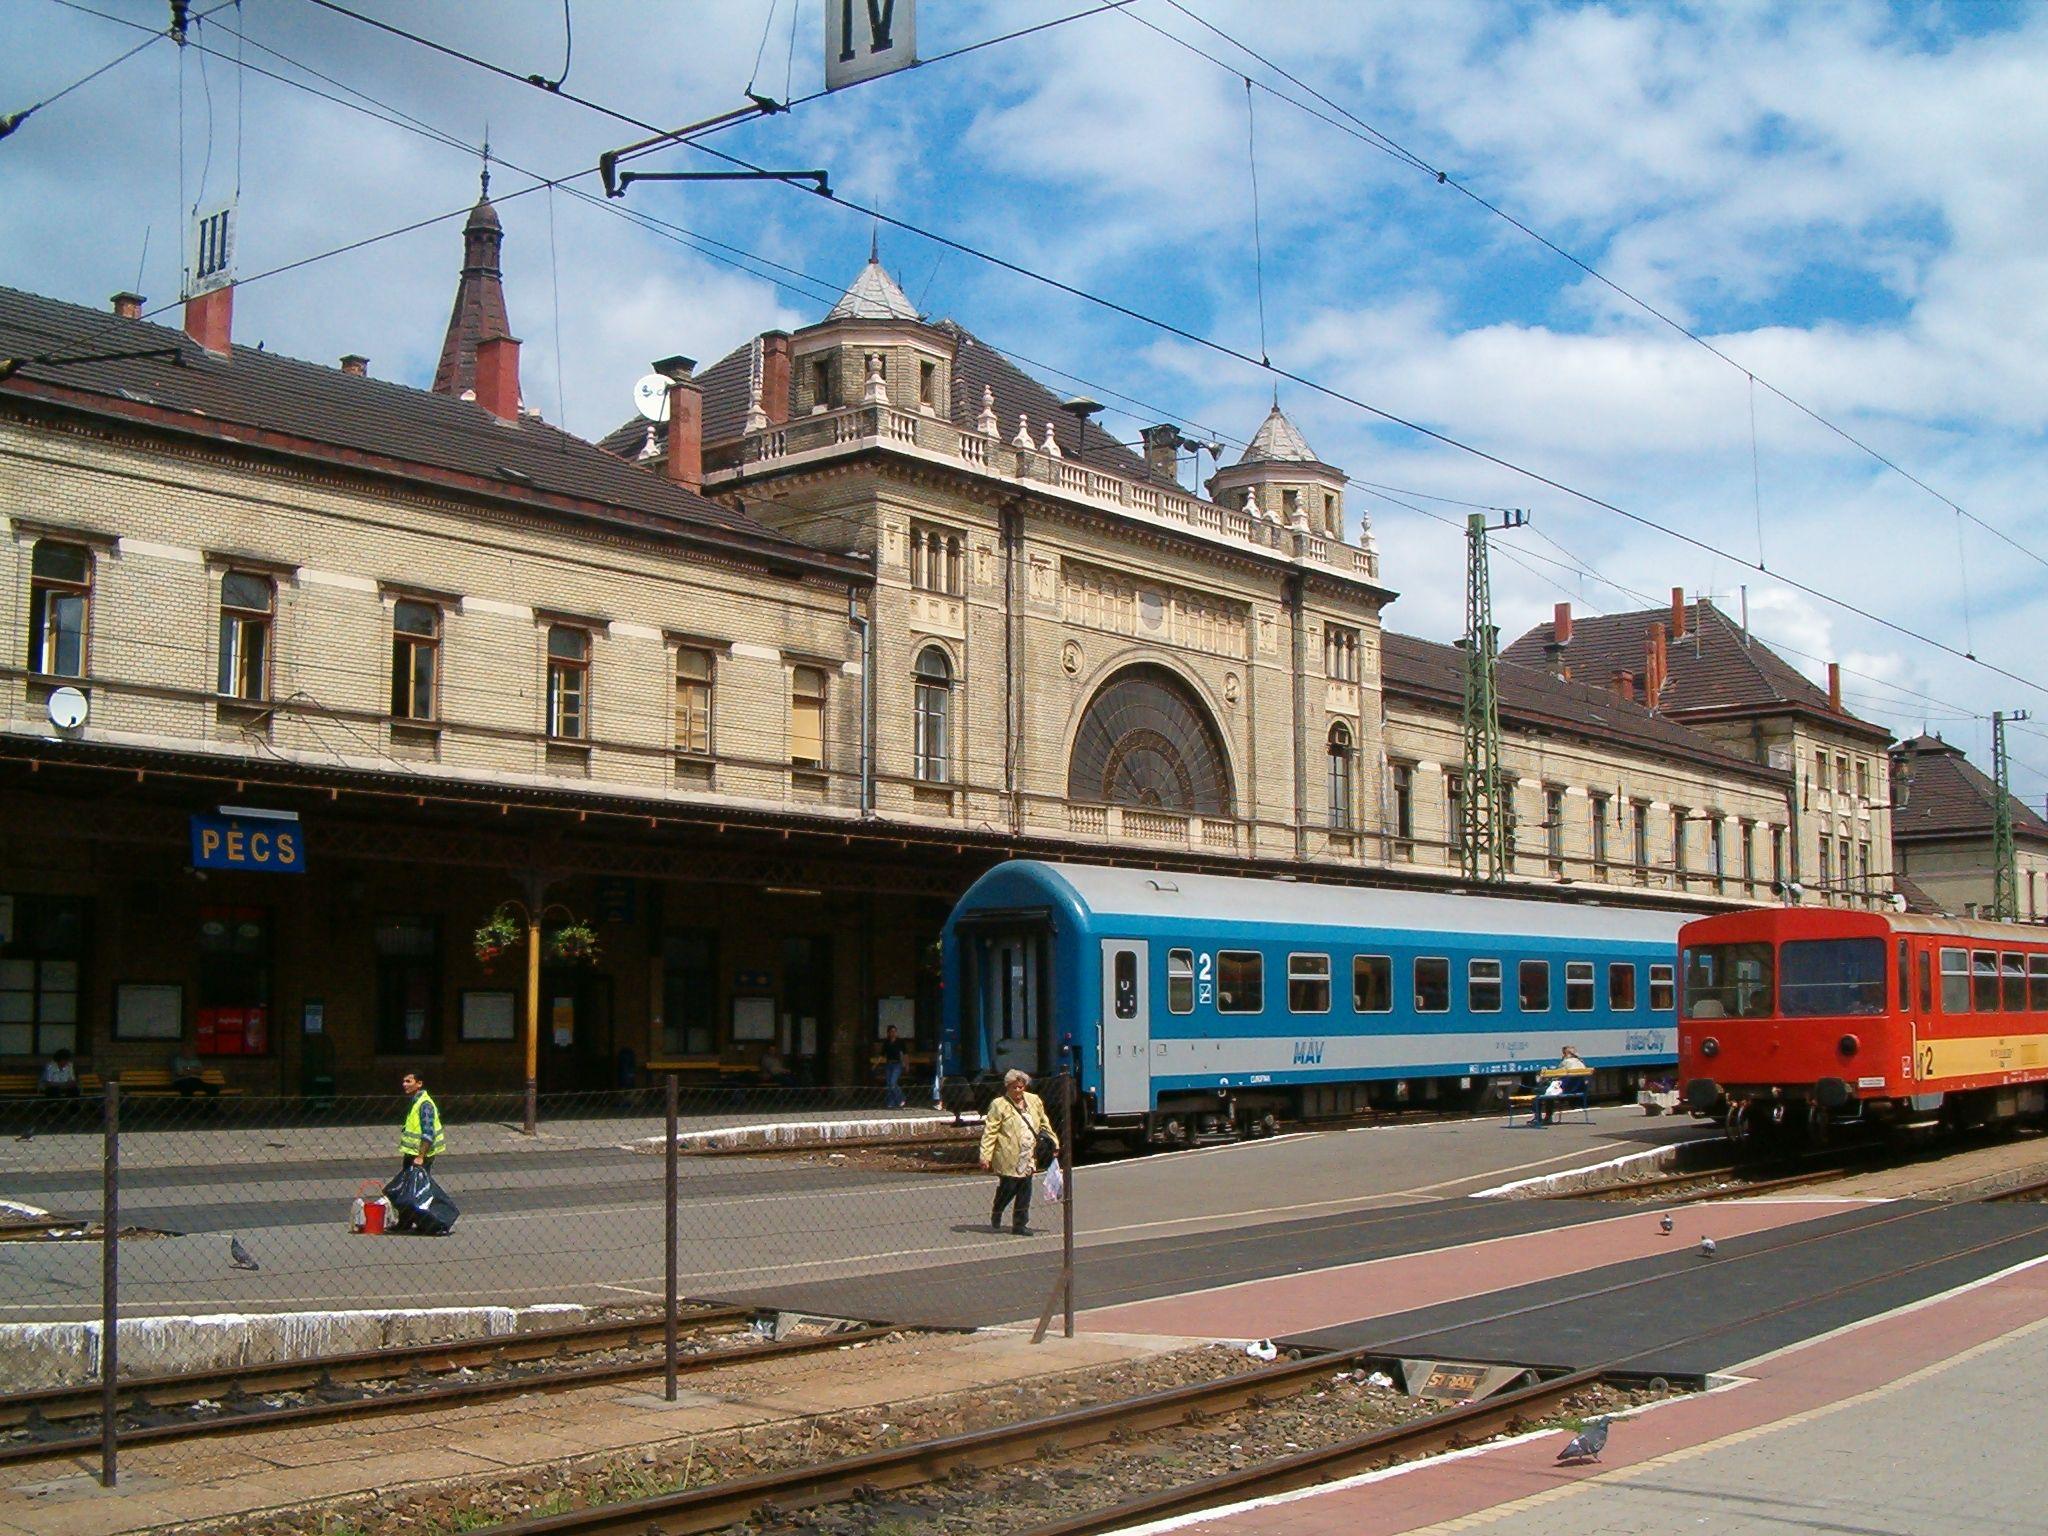 Pecs, Hungary Home of Mikolay and Christina Scherer